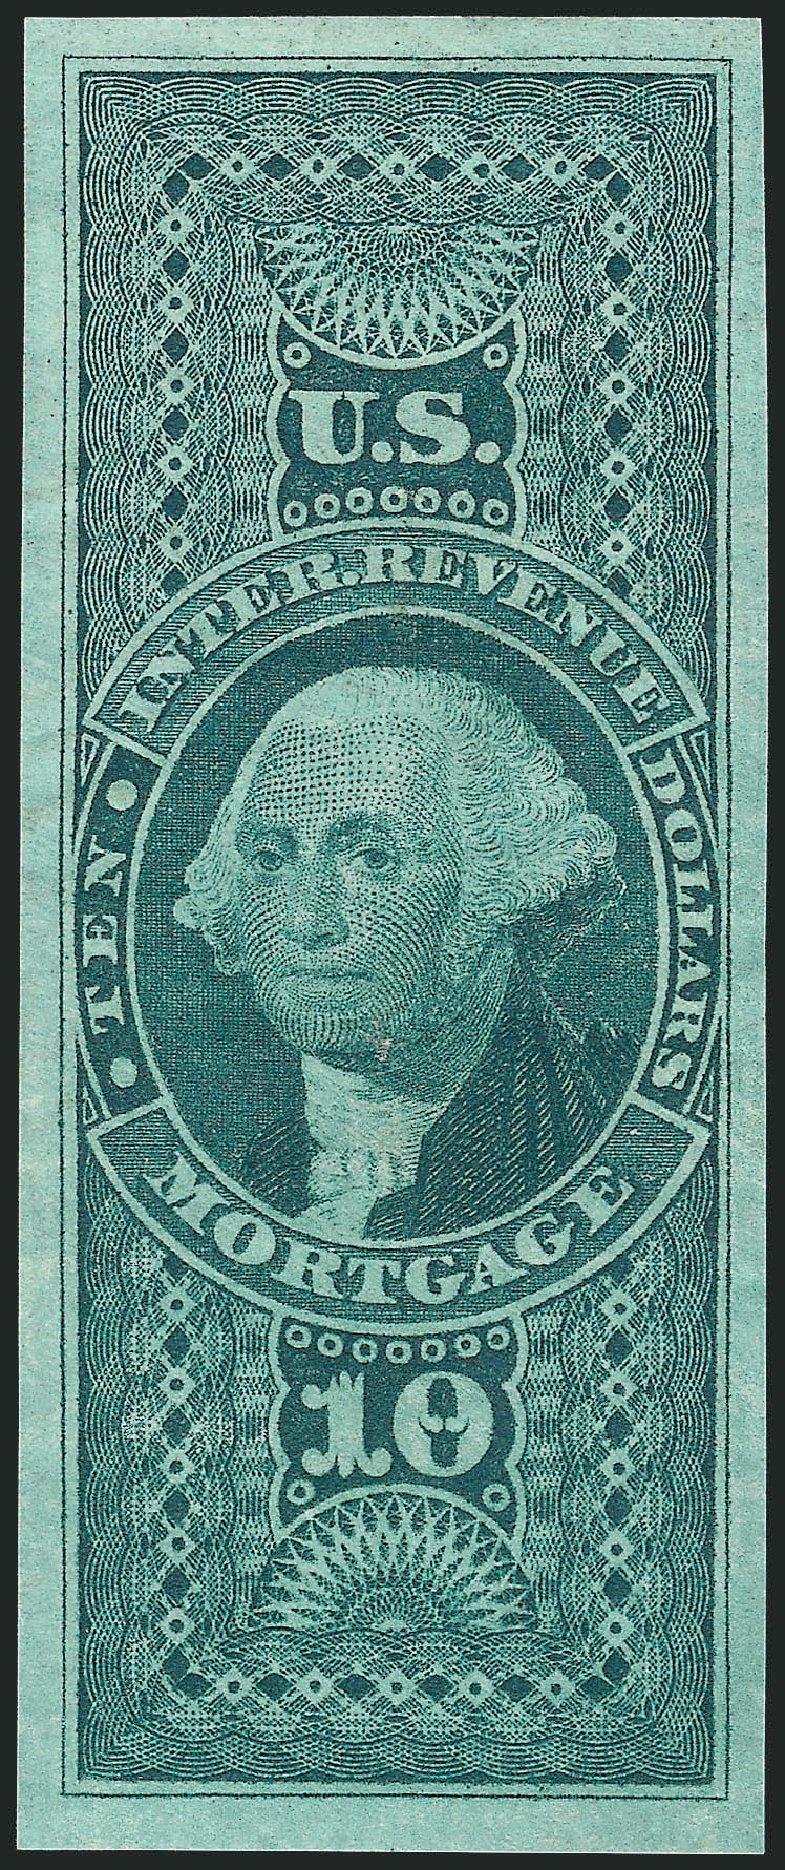 US Stamps Values Scott Cat. # R95 - 1862 US$10.00 Revenue Mortgage. Robert Siegel Auction Galleries, Dec 2014, Sale 1089, Lot 262